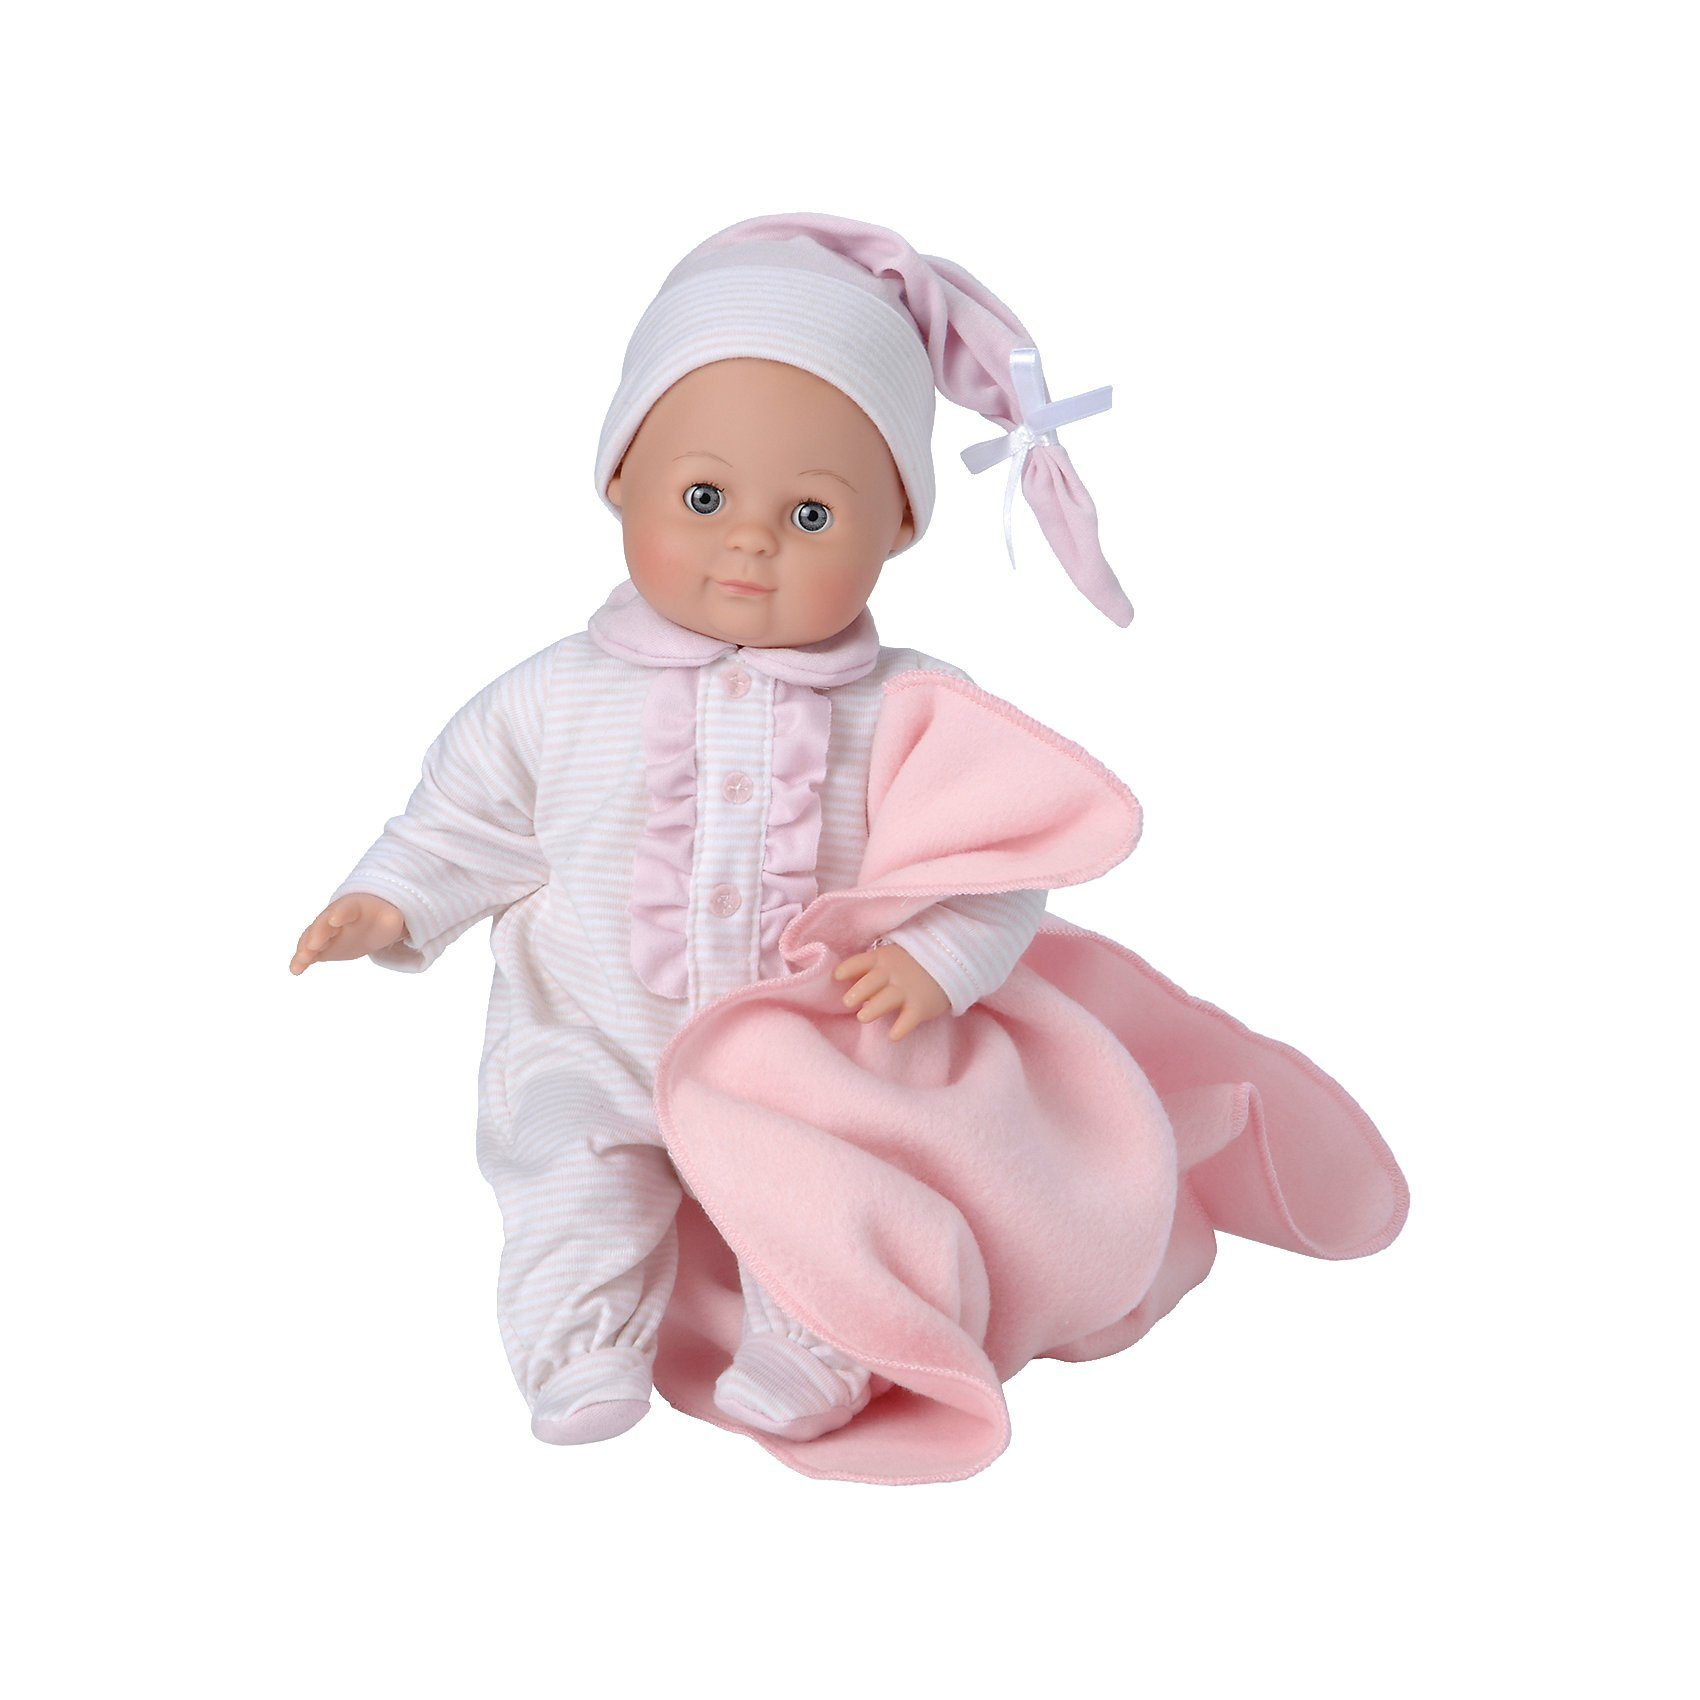 Stadlbauer Schildkröt Puppe Schlummerle, 32 cm